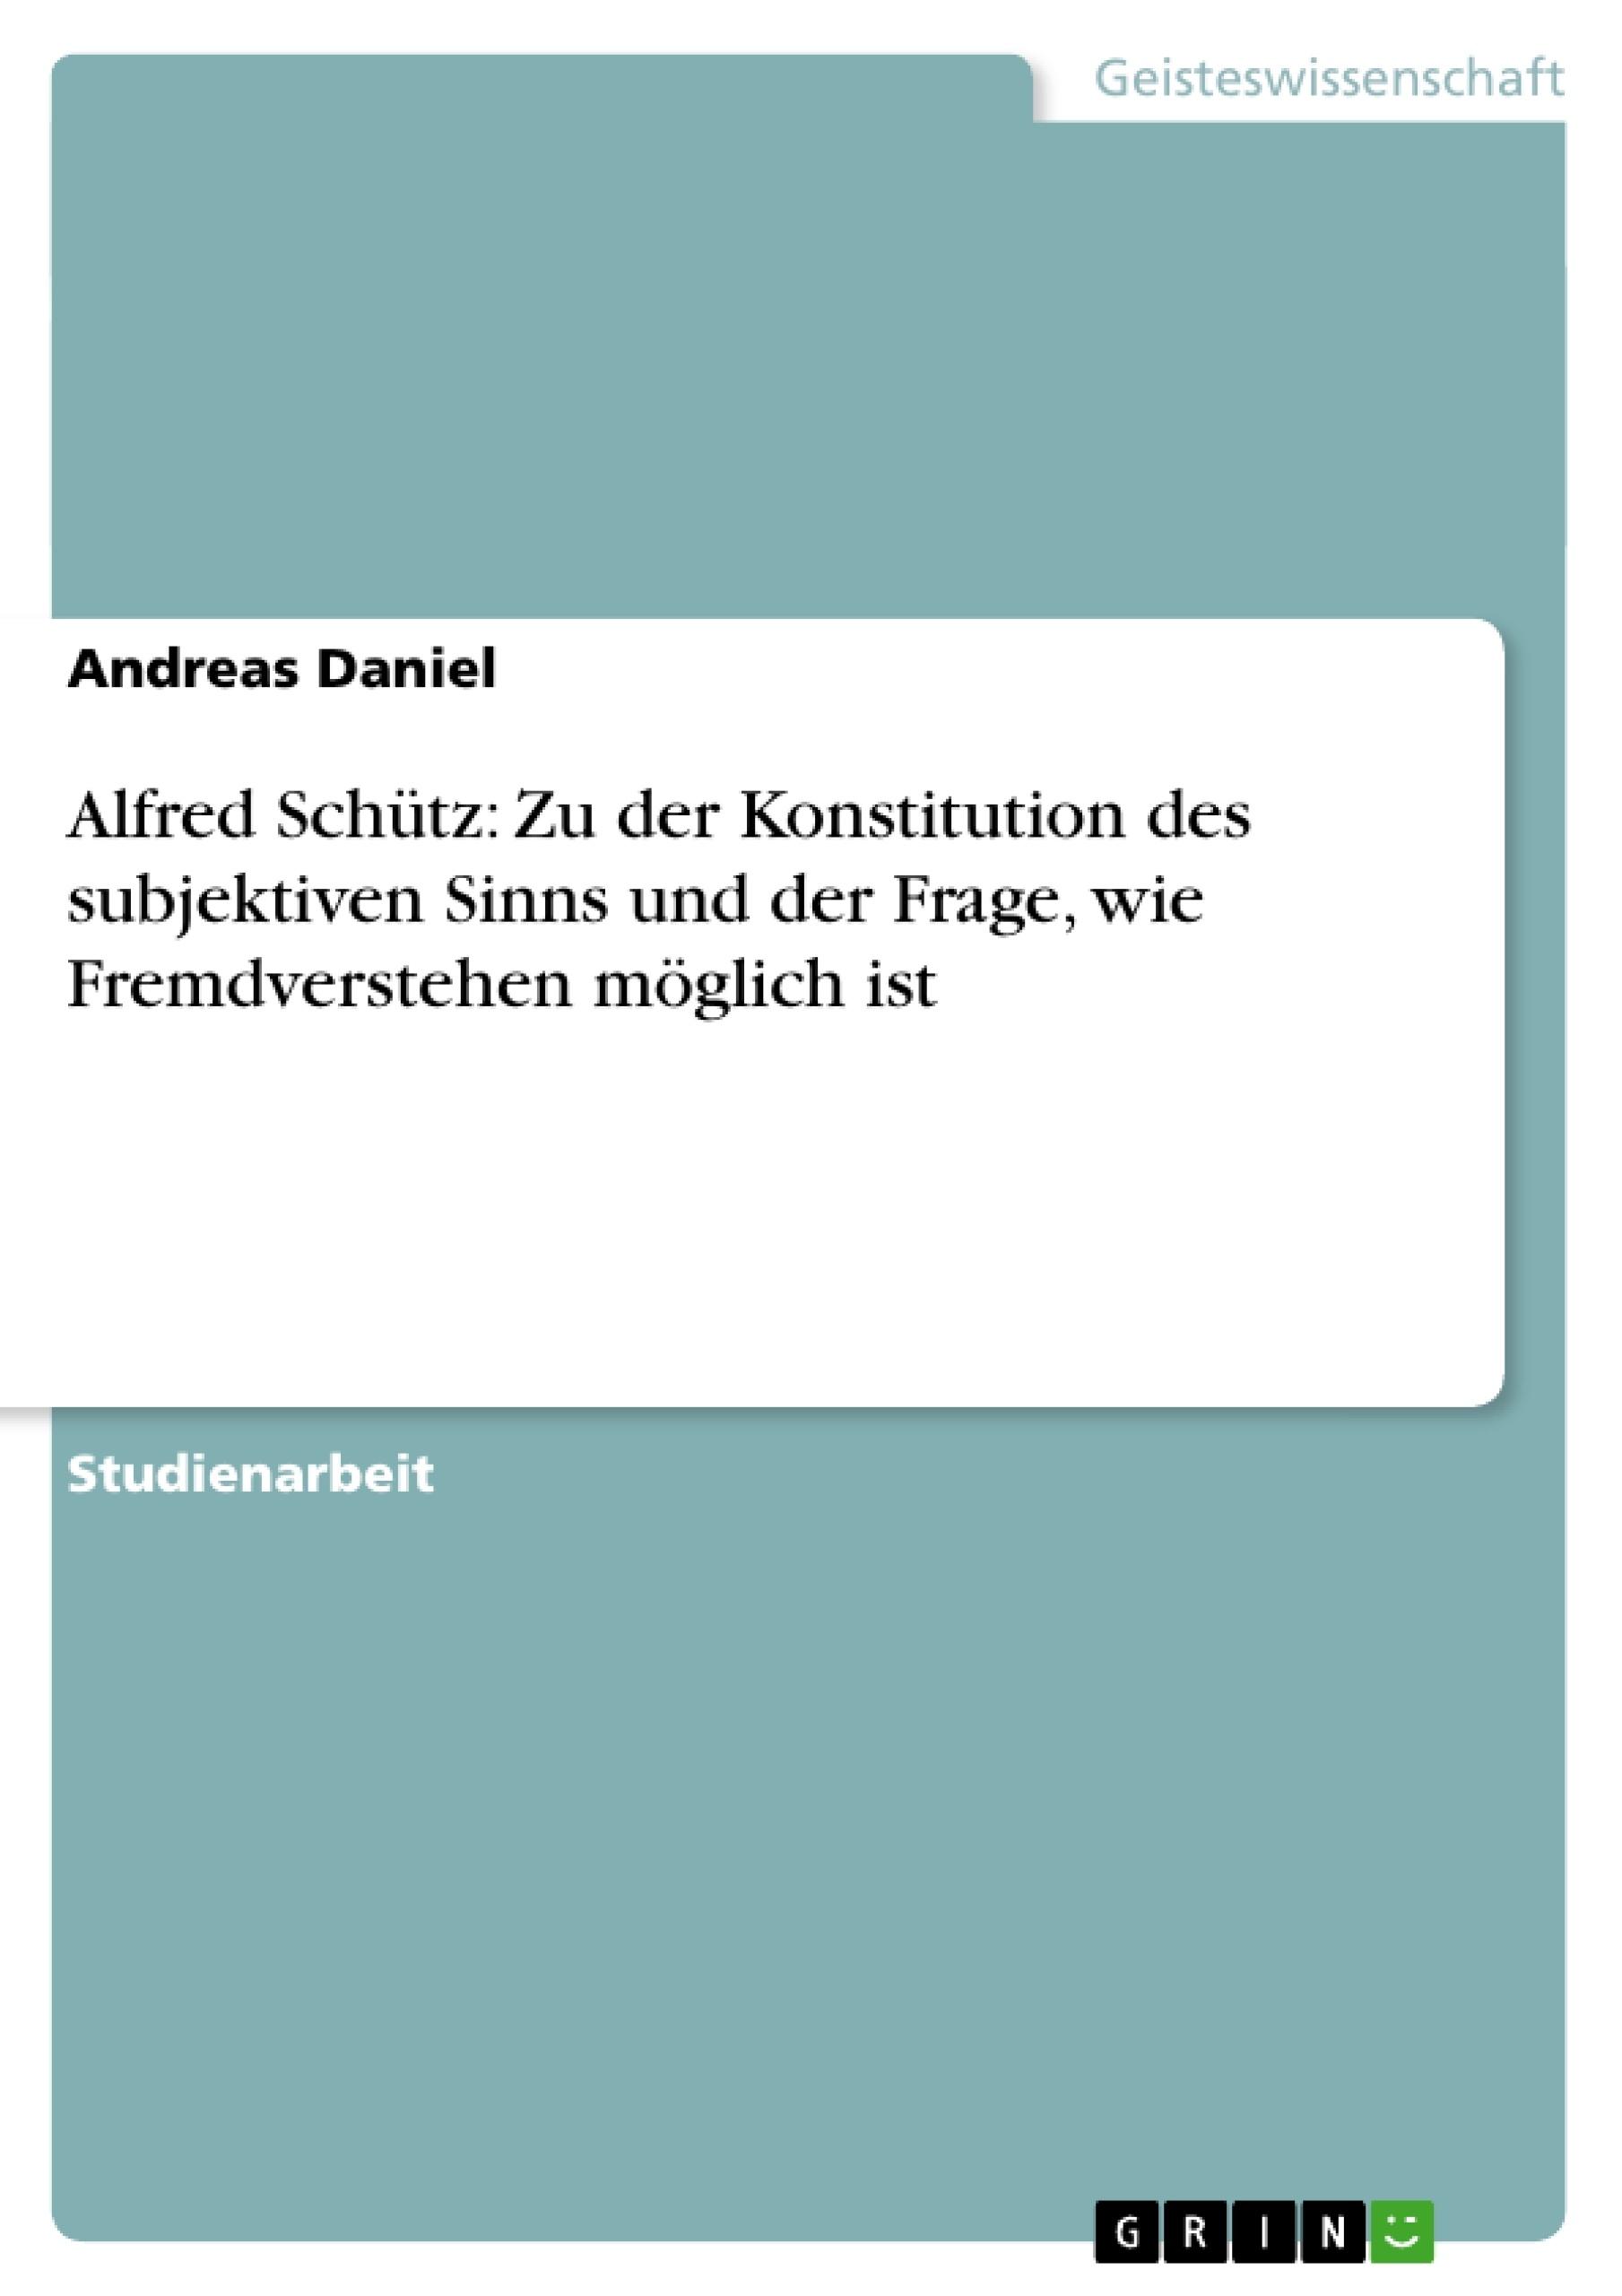 Titel: Alfred Schütz: Zu der Konstitution des subjektiven Sinns und der Frage, wie Fremdverstehen möglich ist